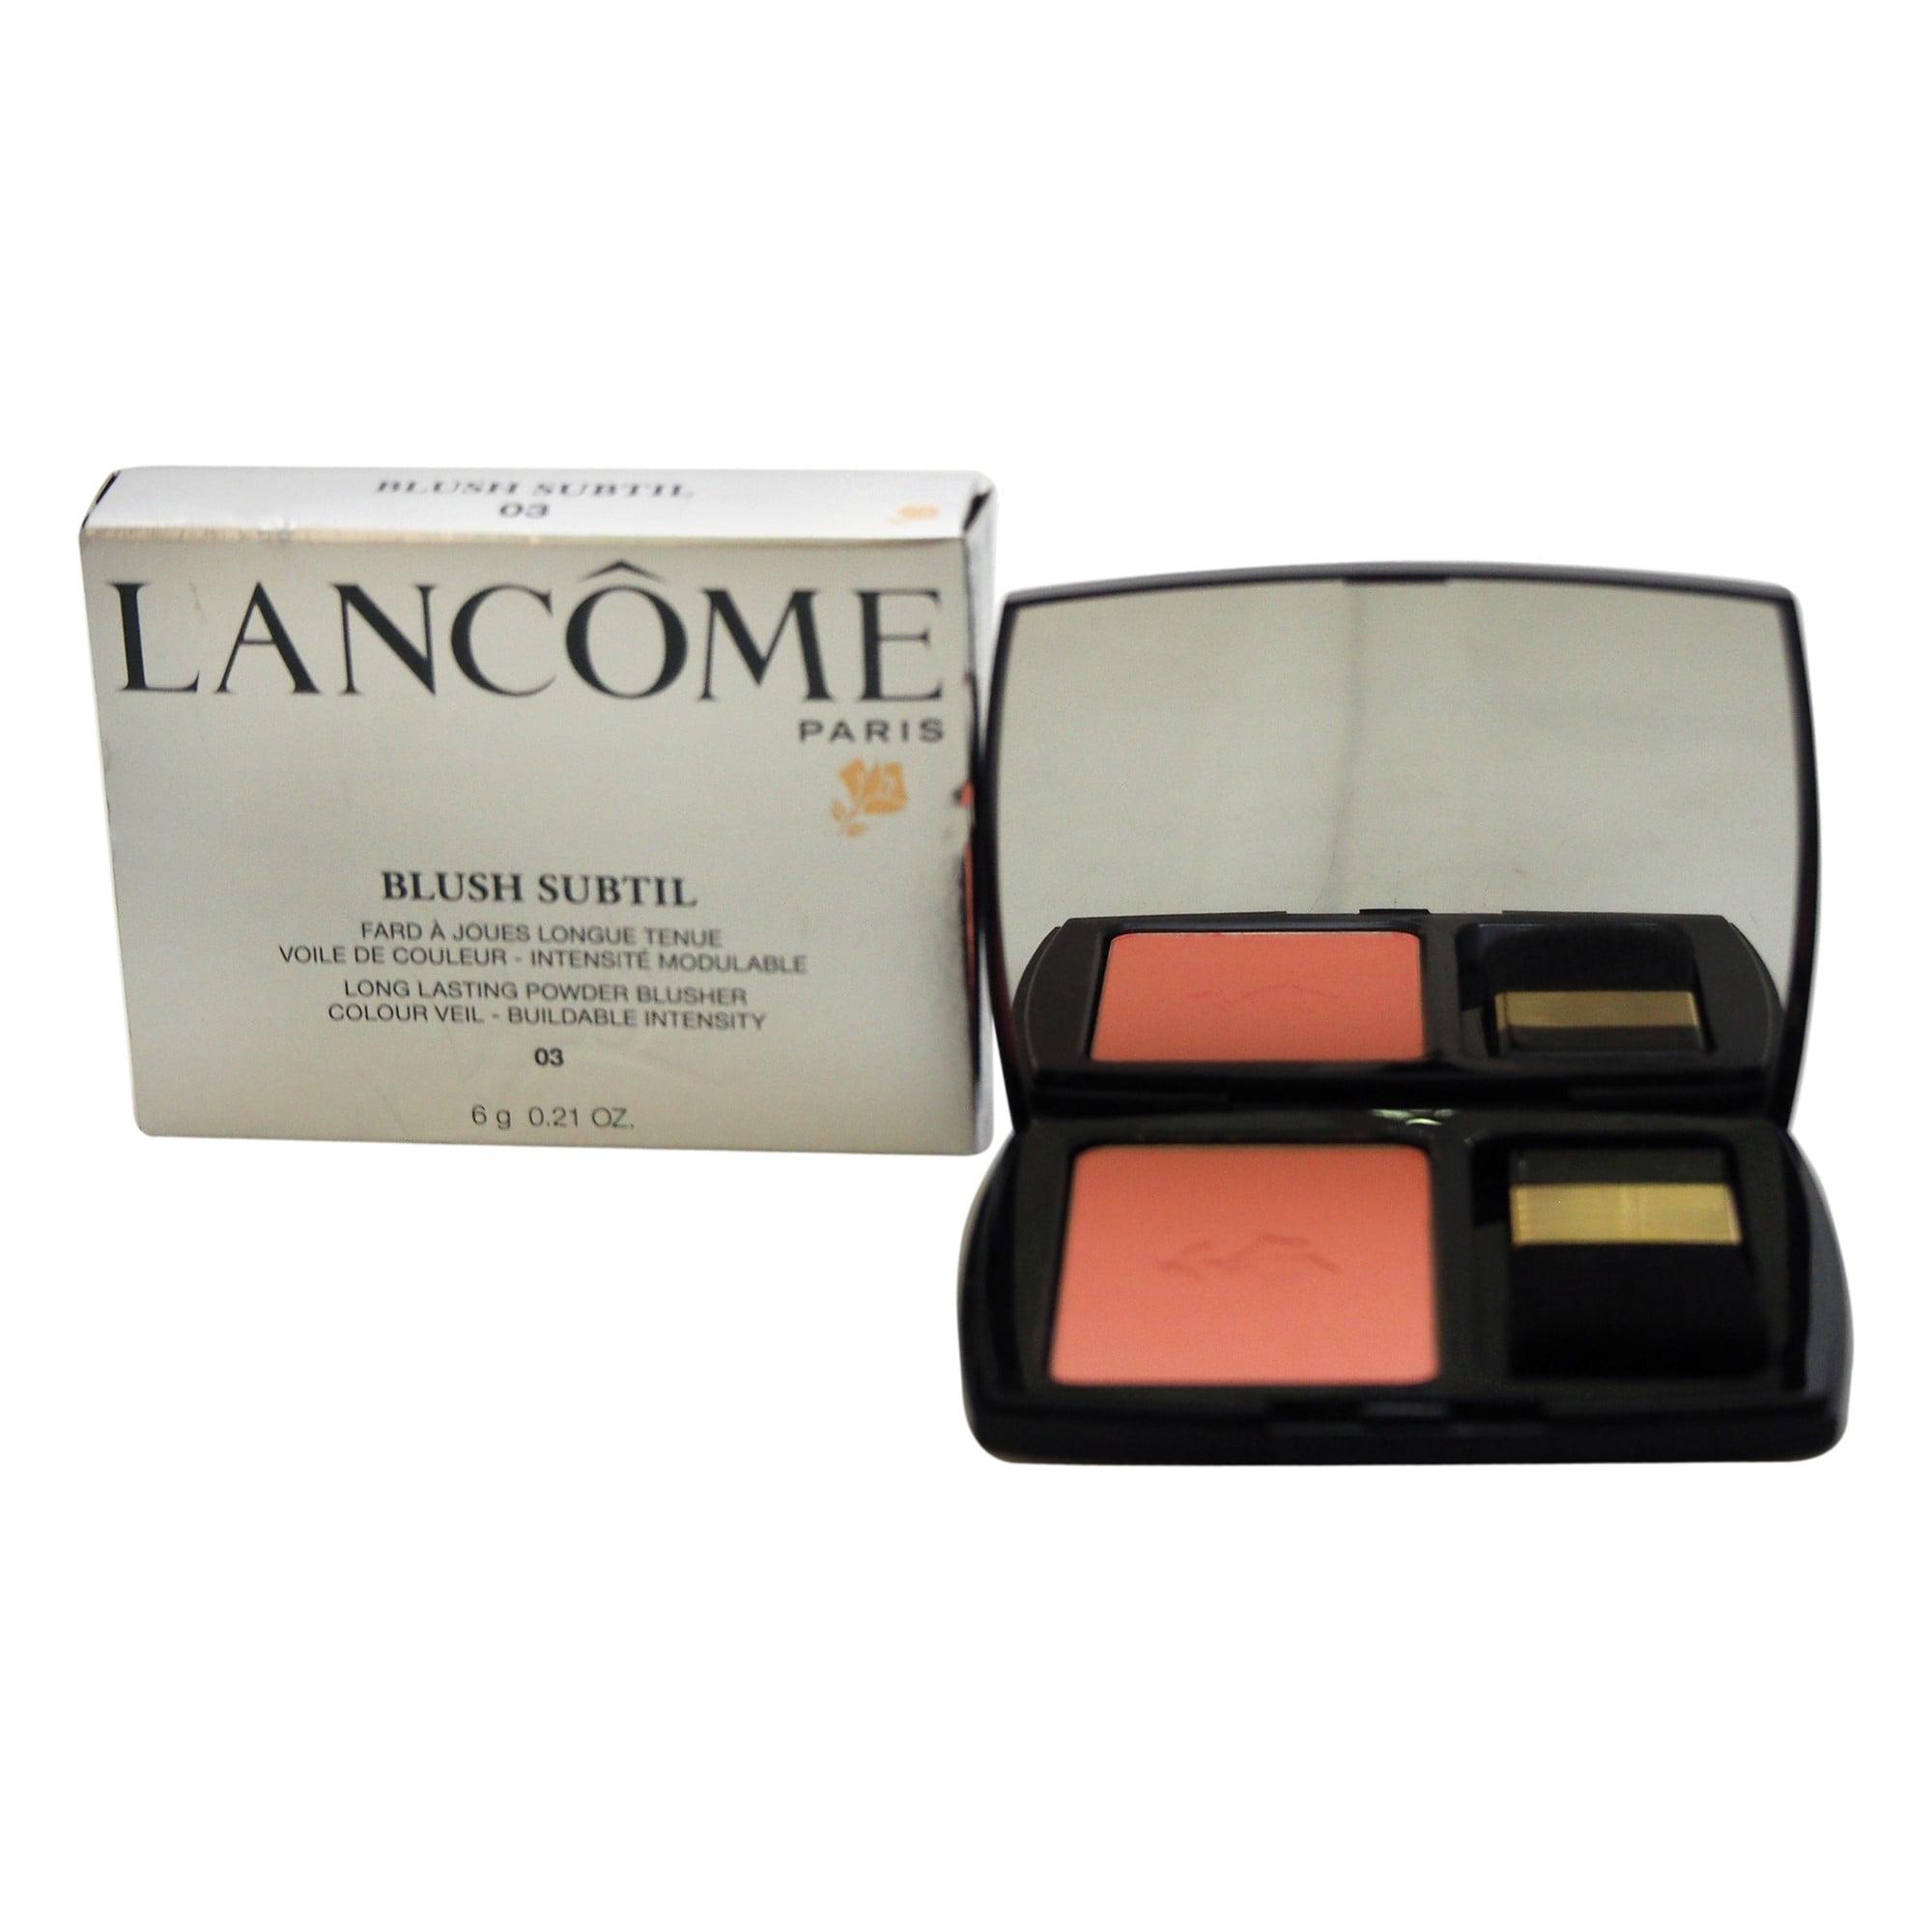 Lancome Blush Subtil Long Lasting Powder Blusher - # 03 Sorbet De Corail 0.21 oz Powder